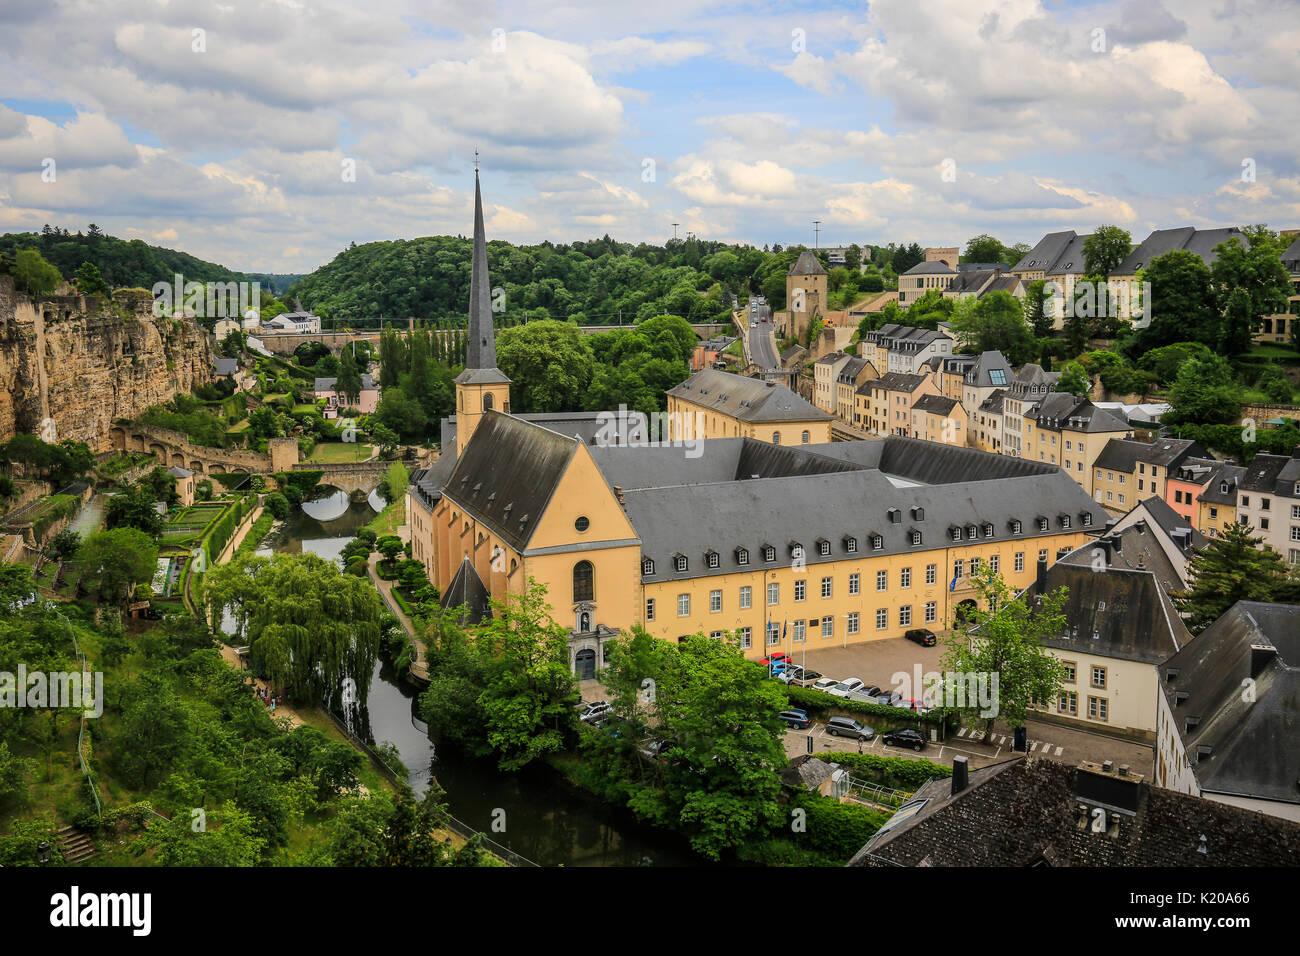 Abtei Neumünster in den Vororten von Wengen, der Stadt Luxemburg, Großherzogtum Luxemburg Stockbild